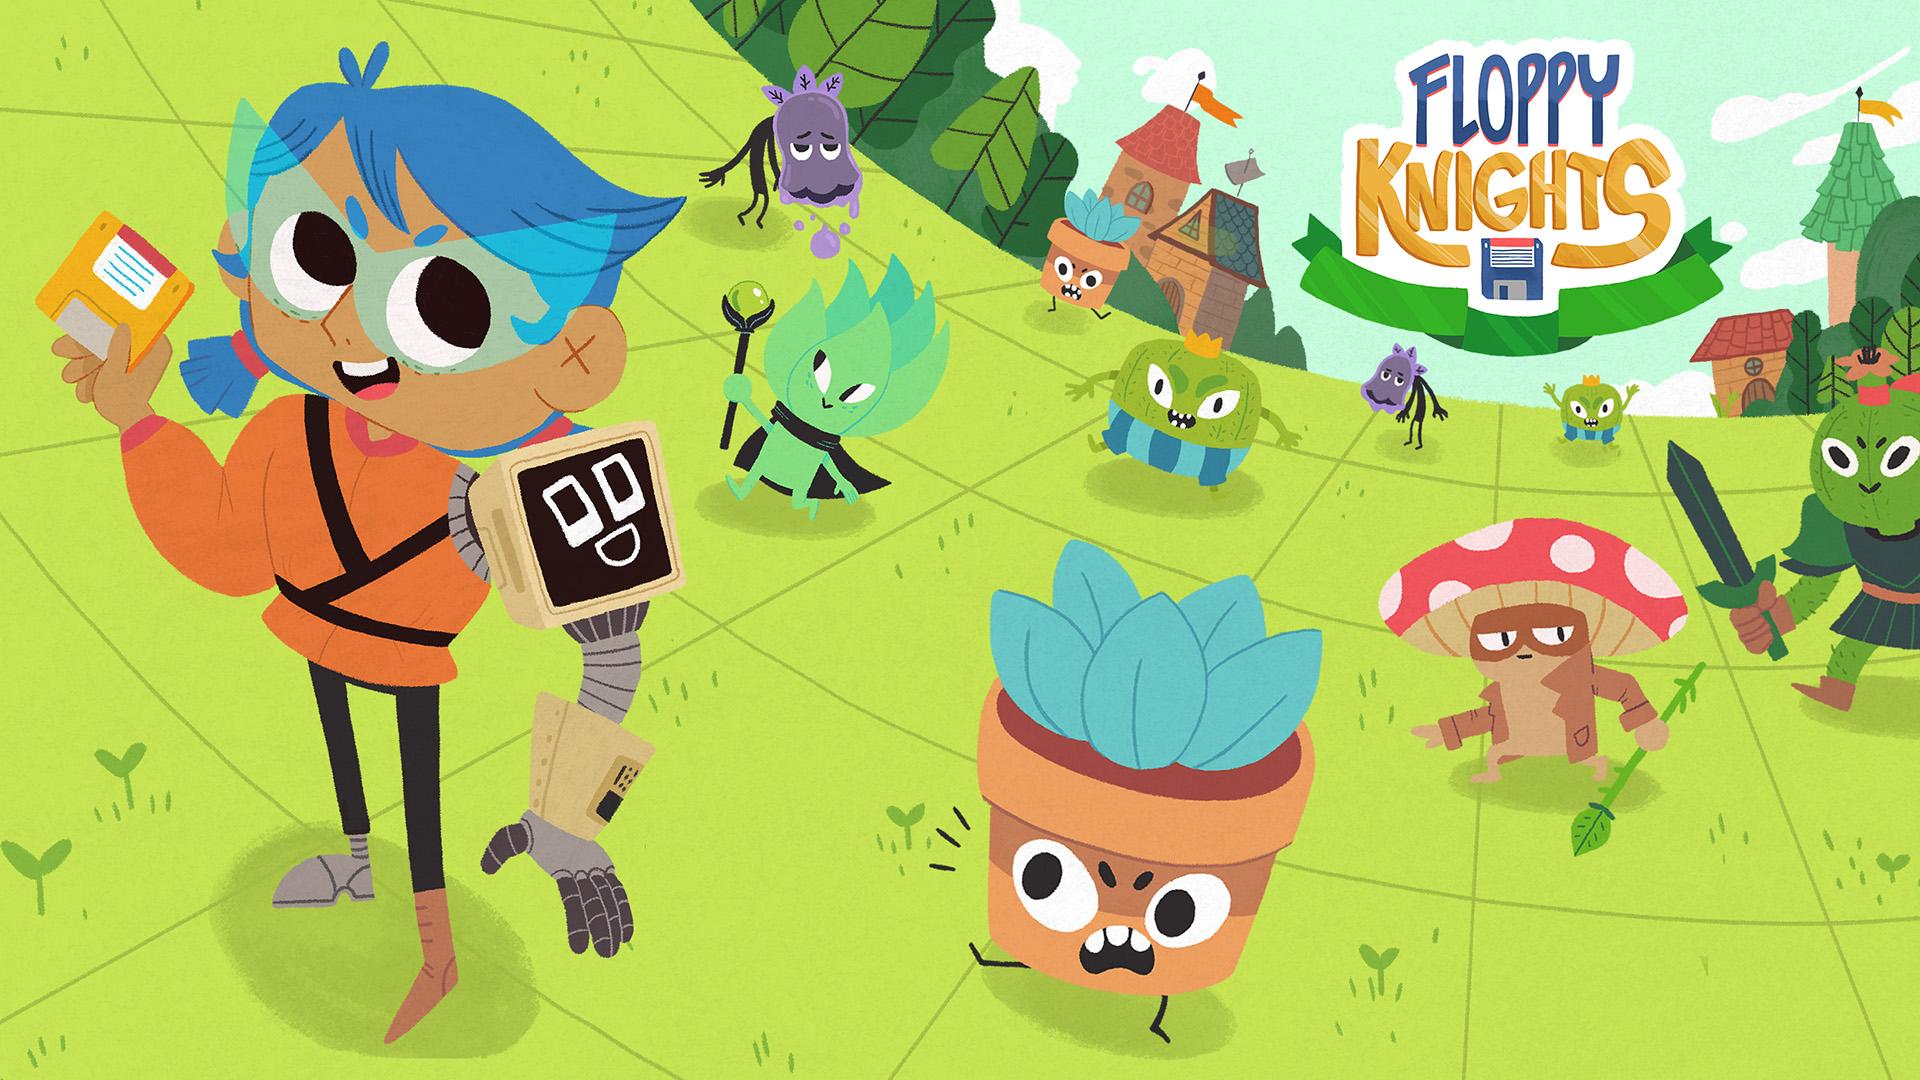 Floppy Knights